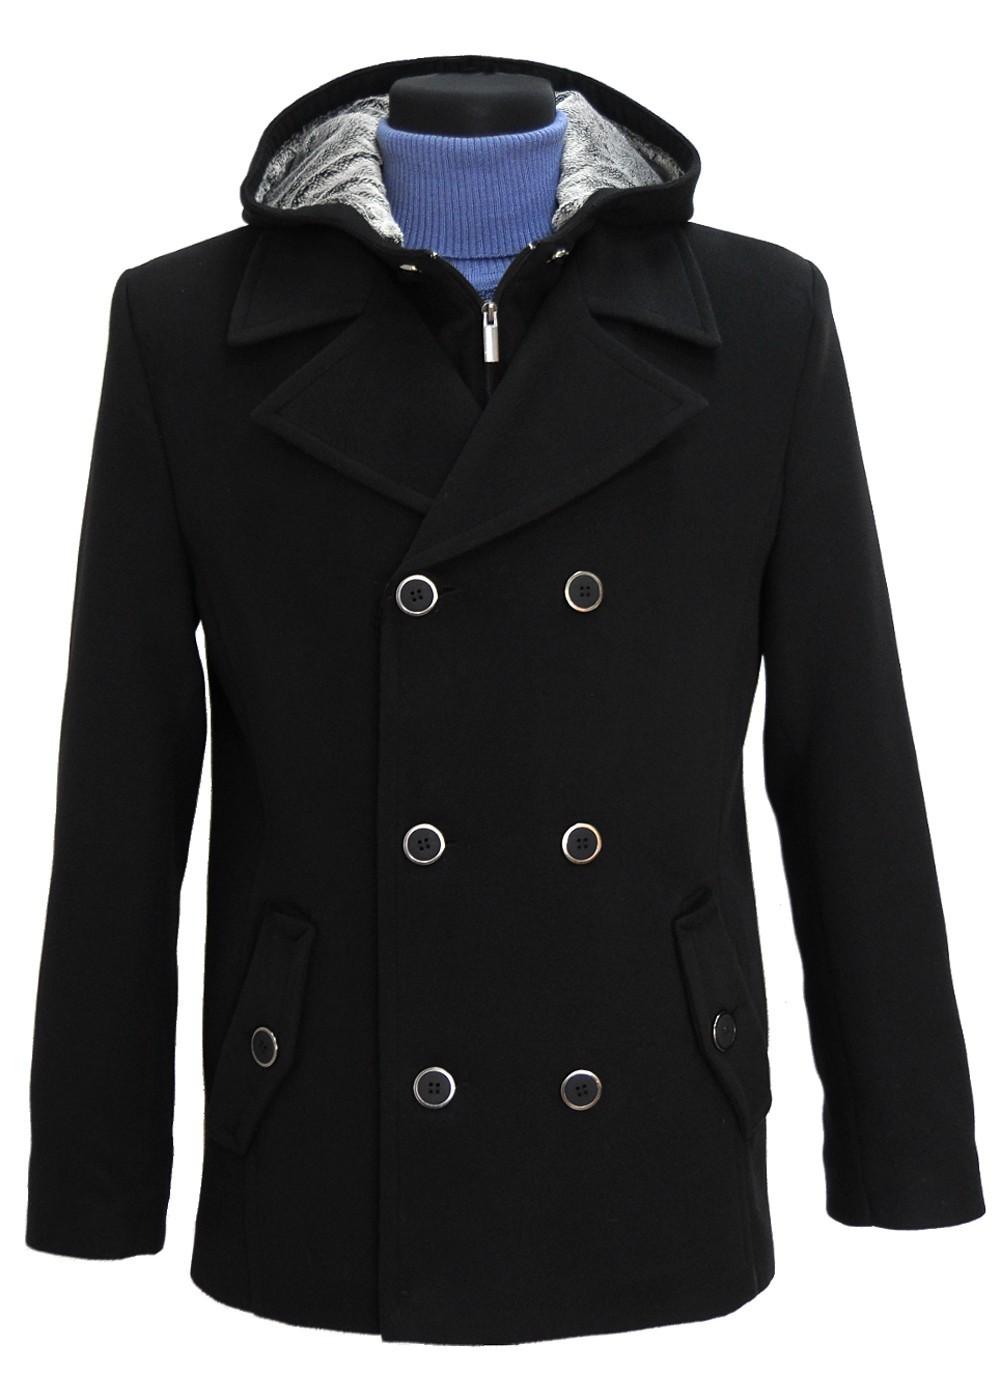 Vargas и не только - мужская одежда стиля casual - 10. Стильные джемпера и кардиганы от 490р, поло и футболки по 290р